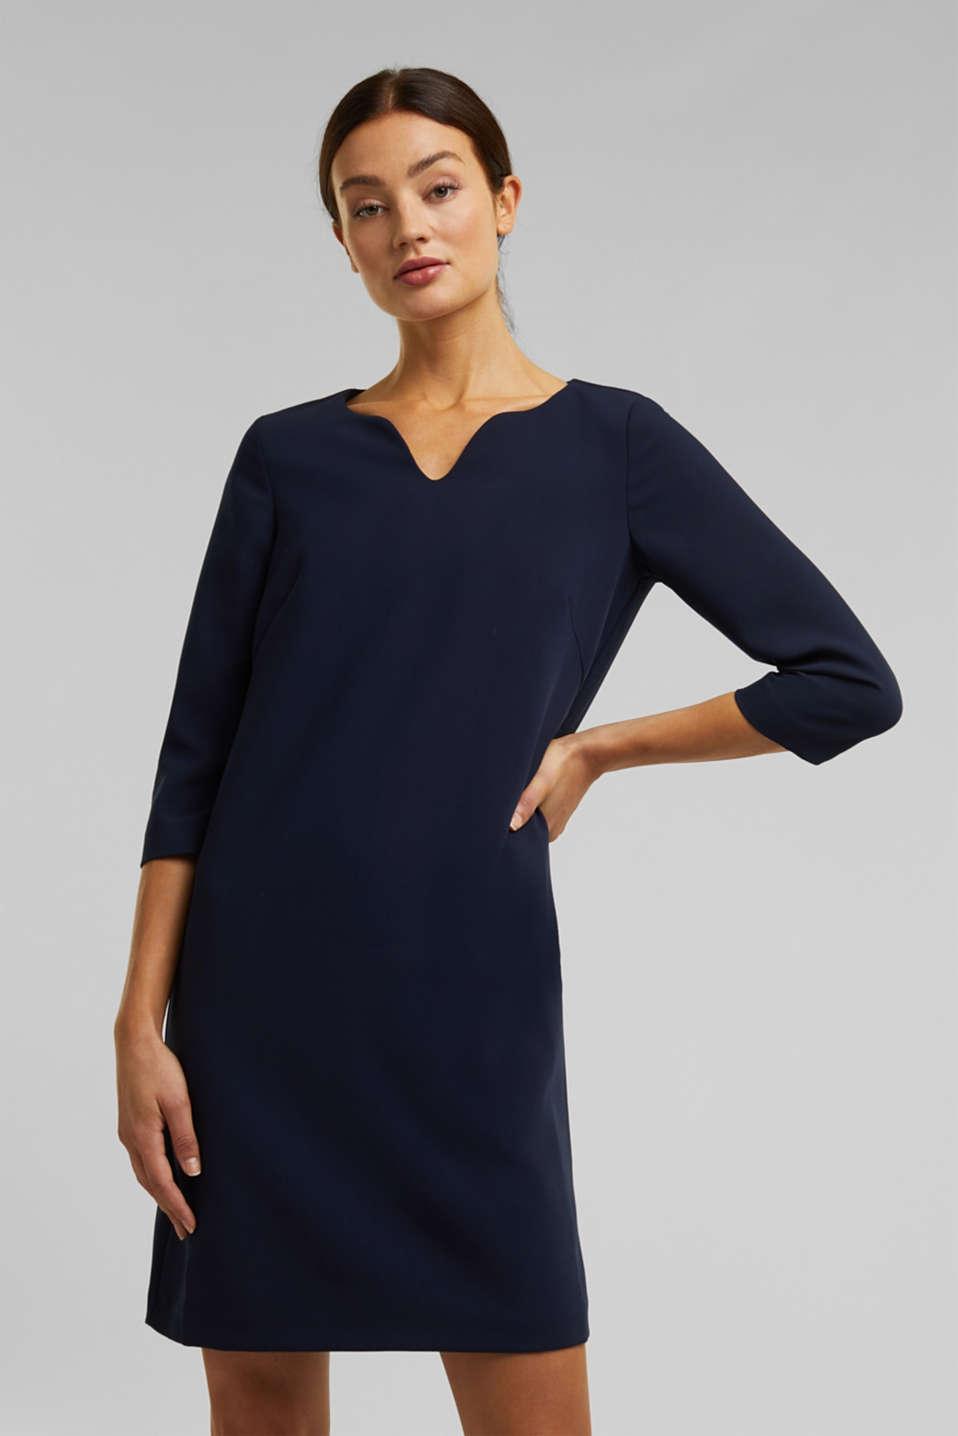 esprit - kleid mit kelch-ausschnitt im online shop kaufen